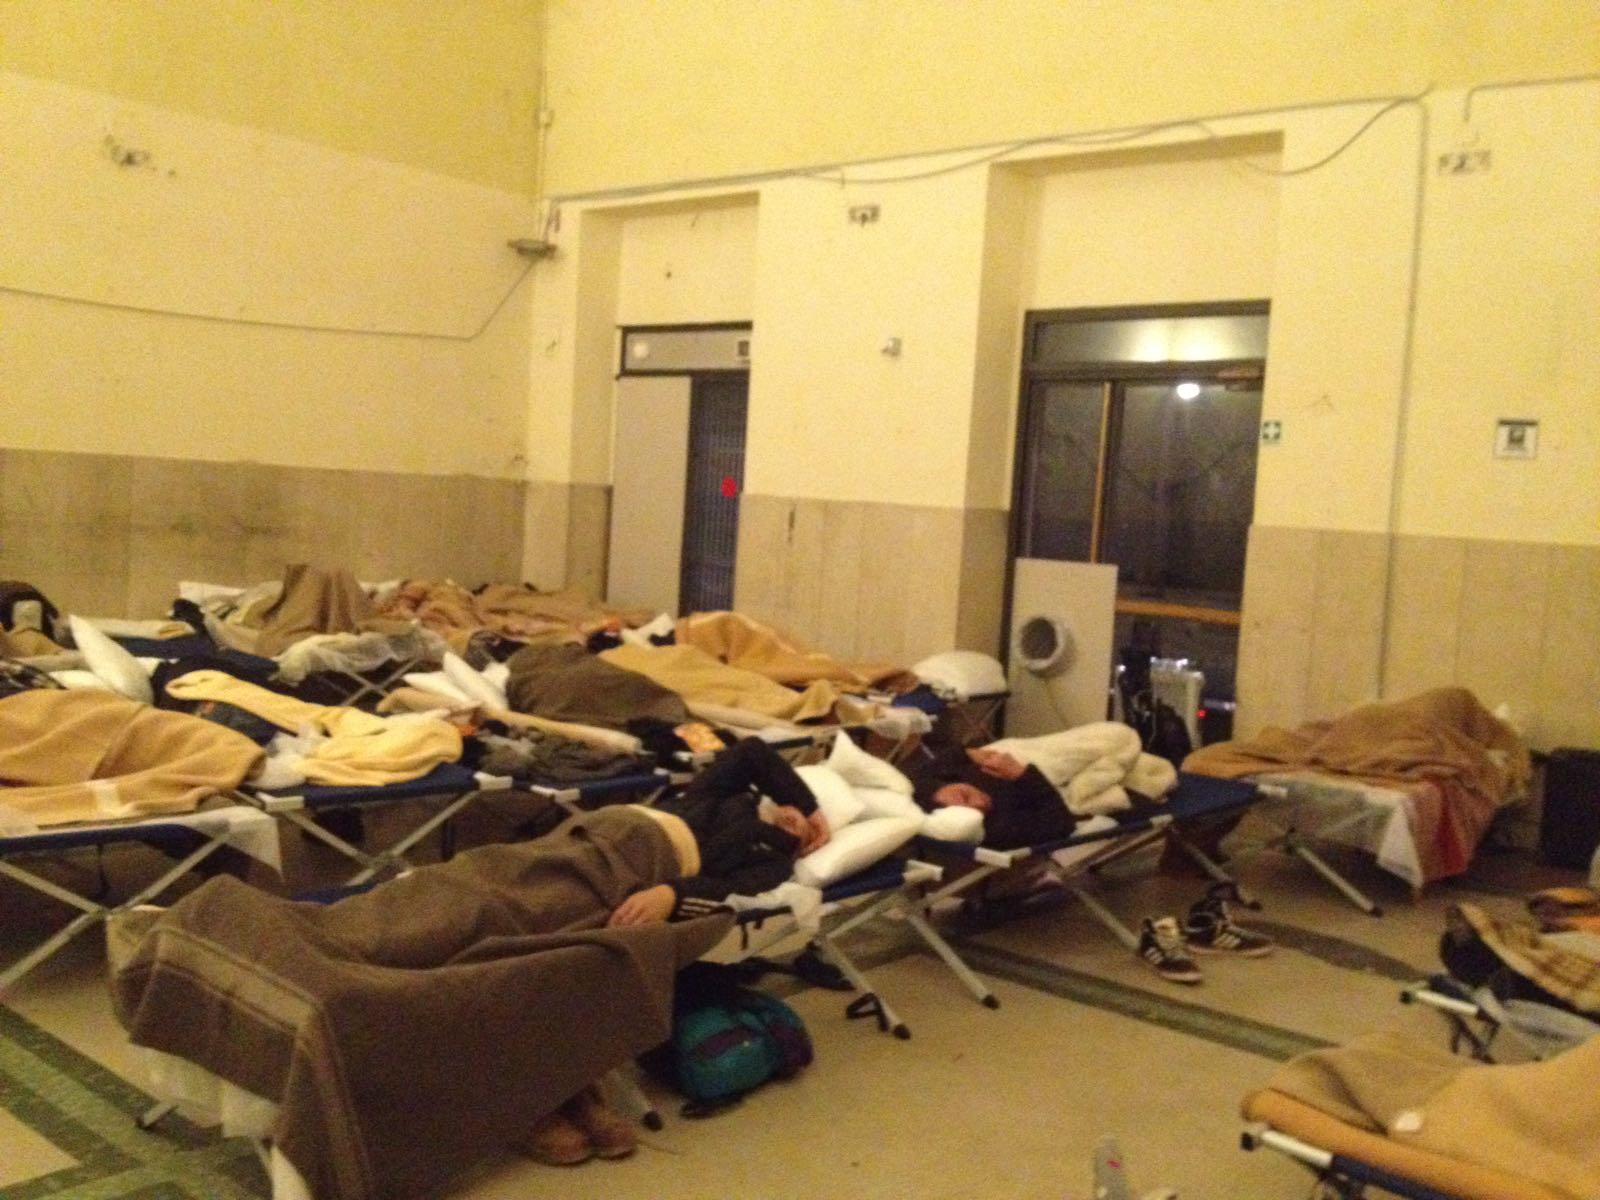 intervento a favore dei senza tetto notte del 4 marzo